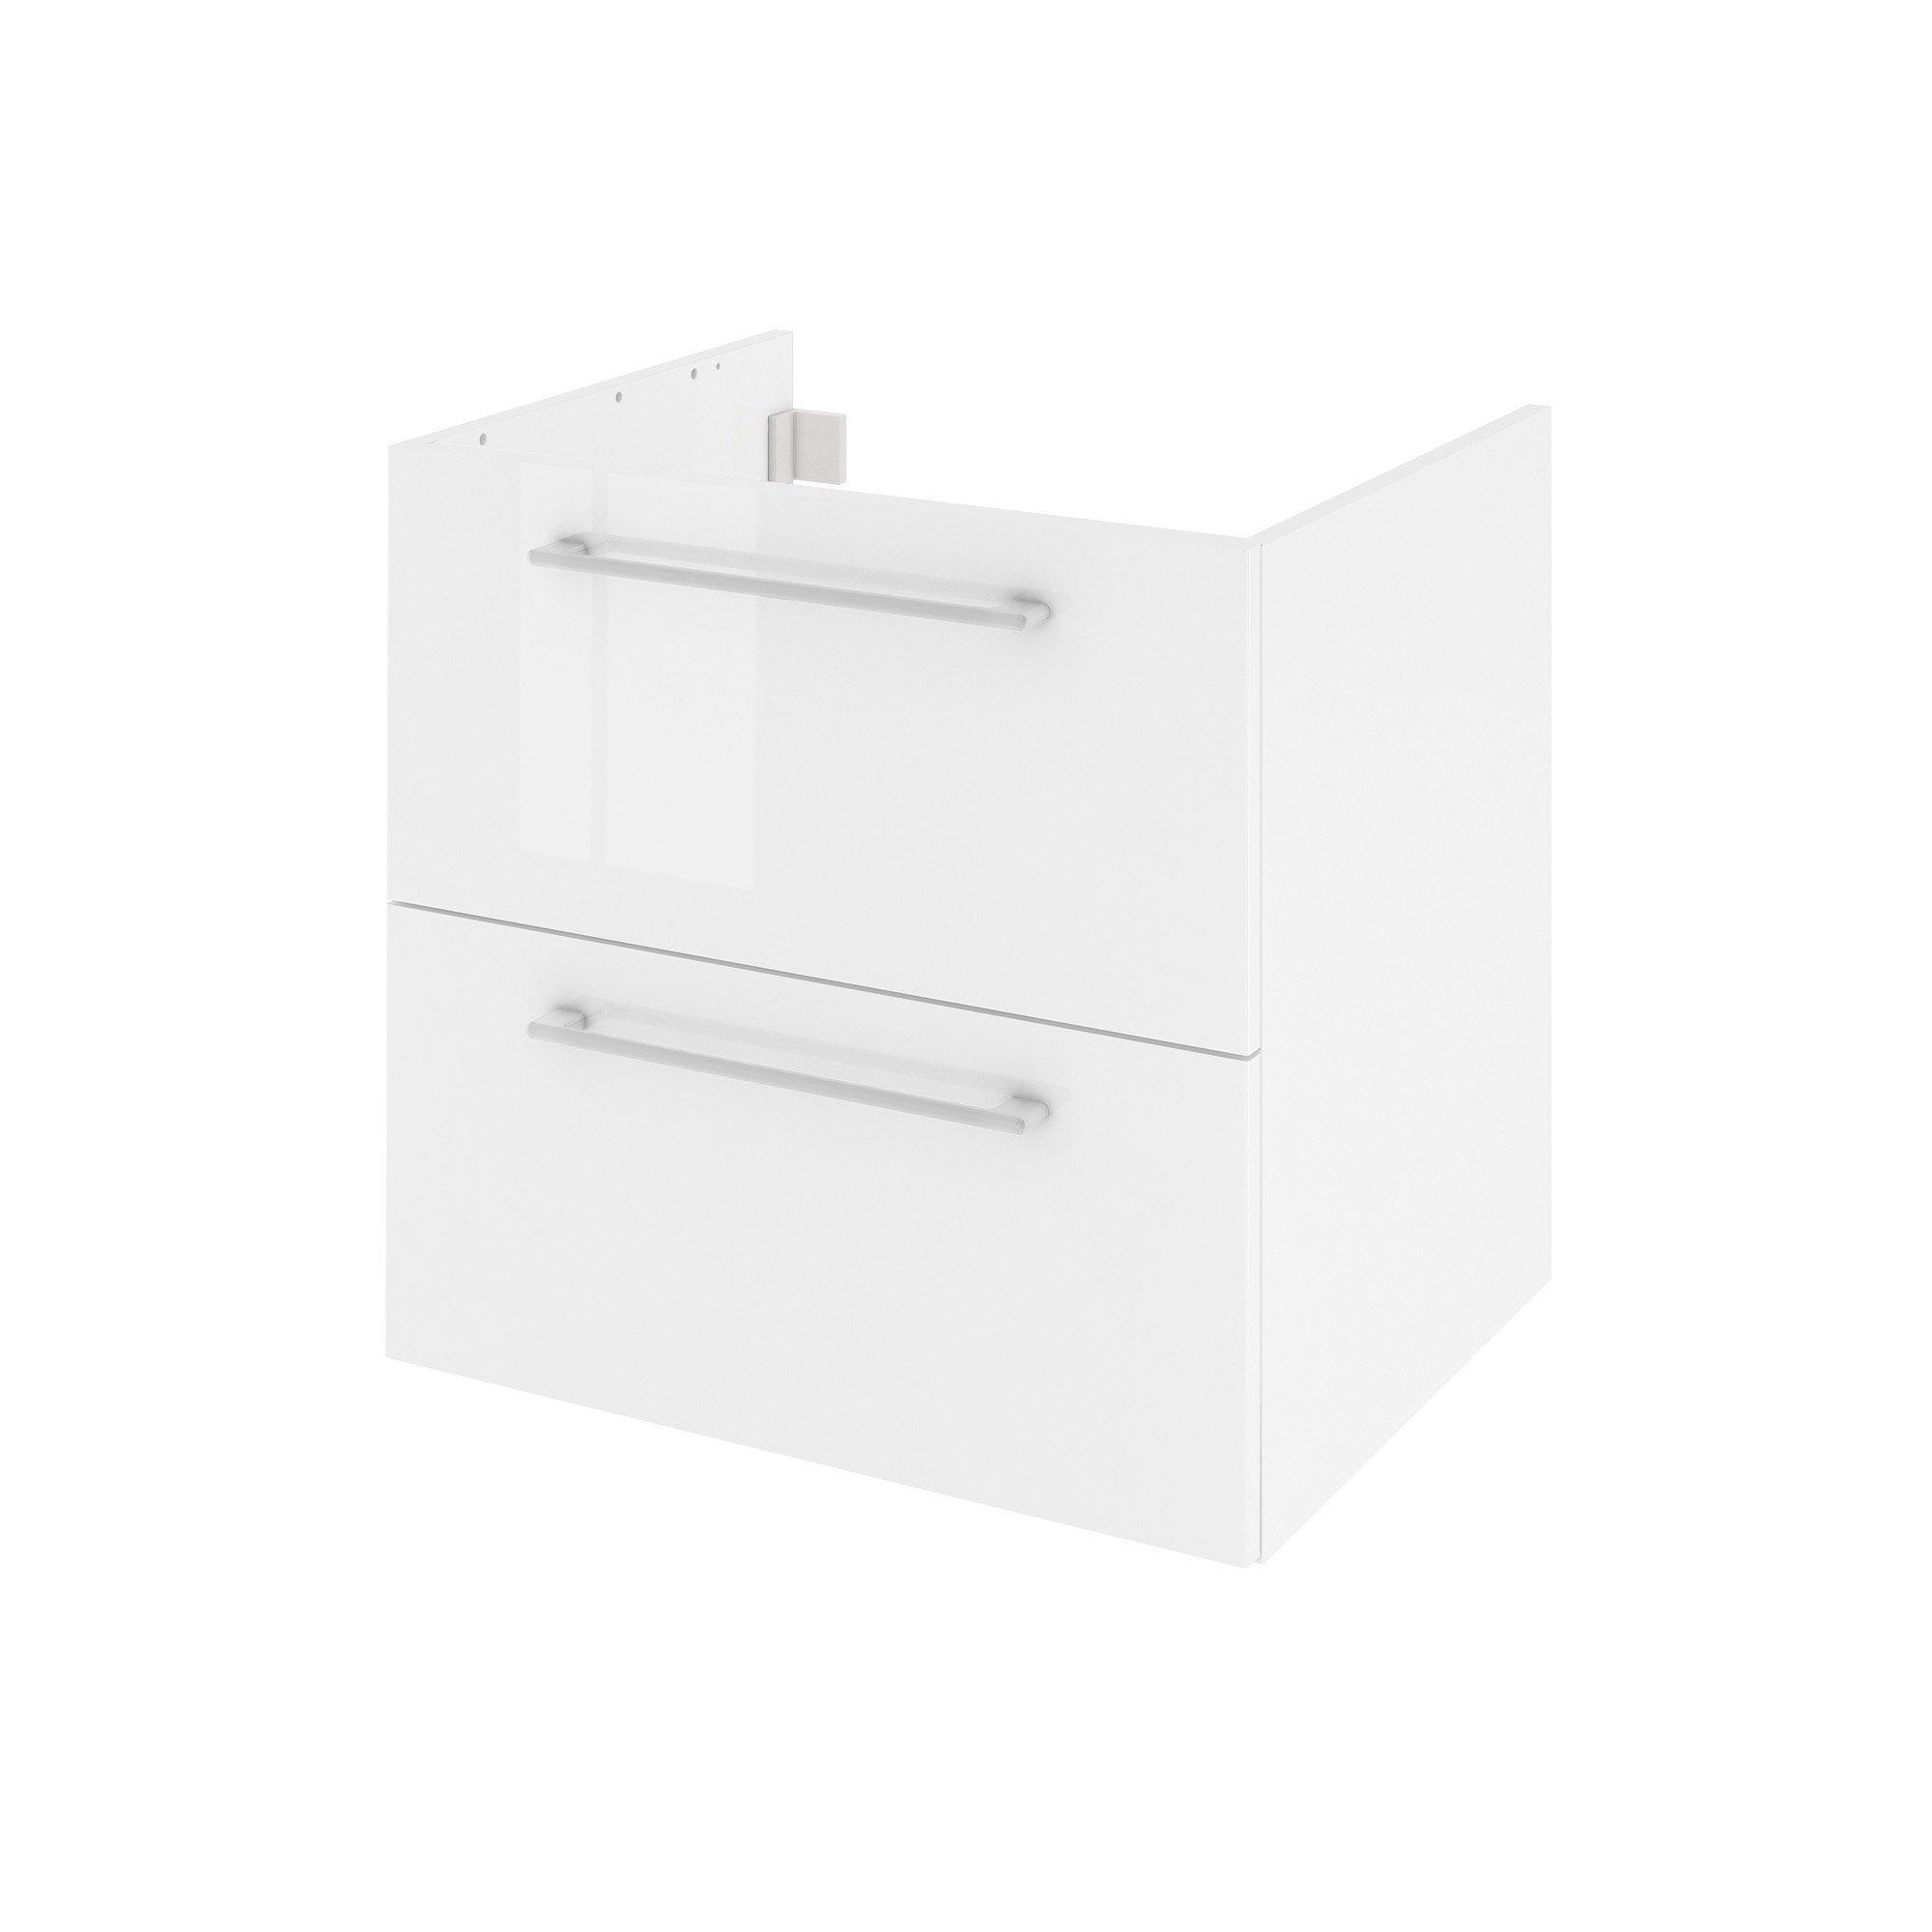 Meuble de salle de bains l.60 x H.58 x P.48 cm, blanc, Remix